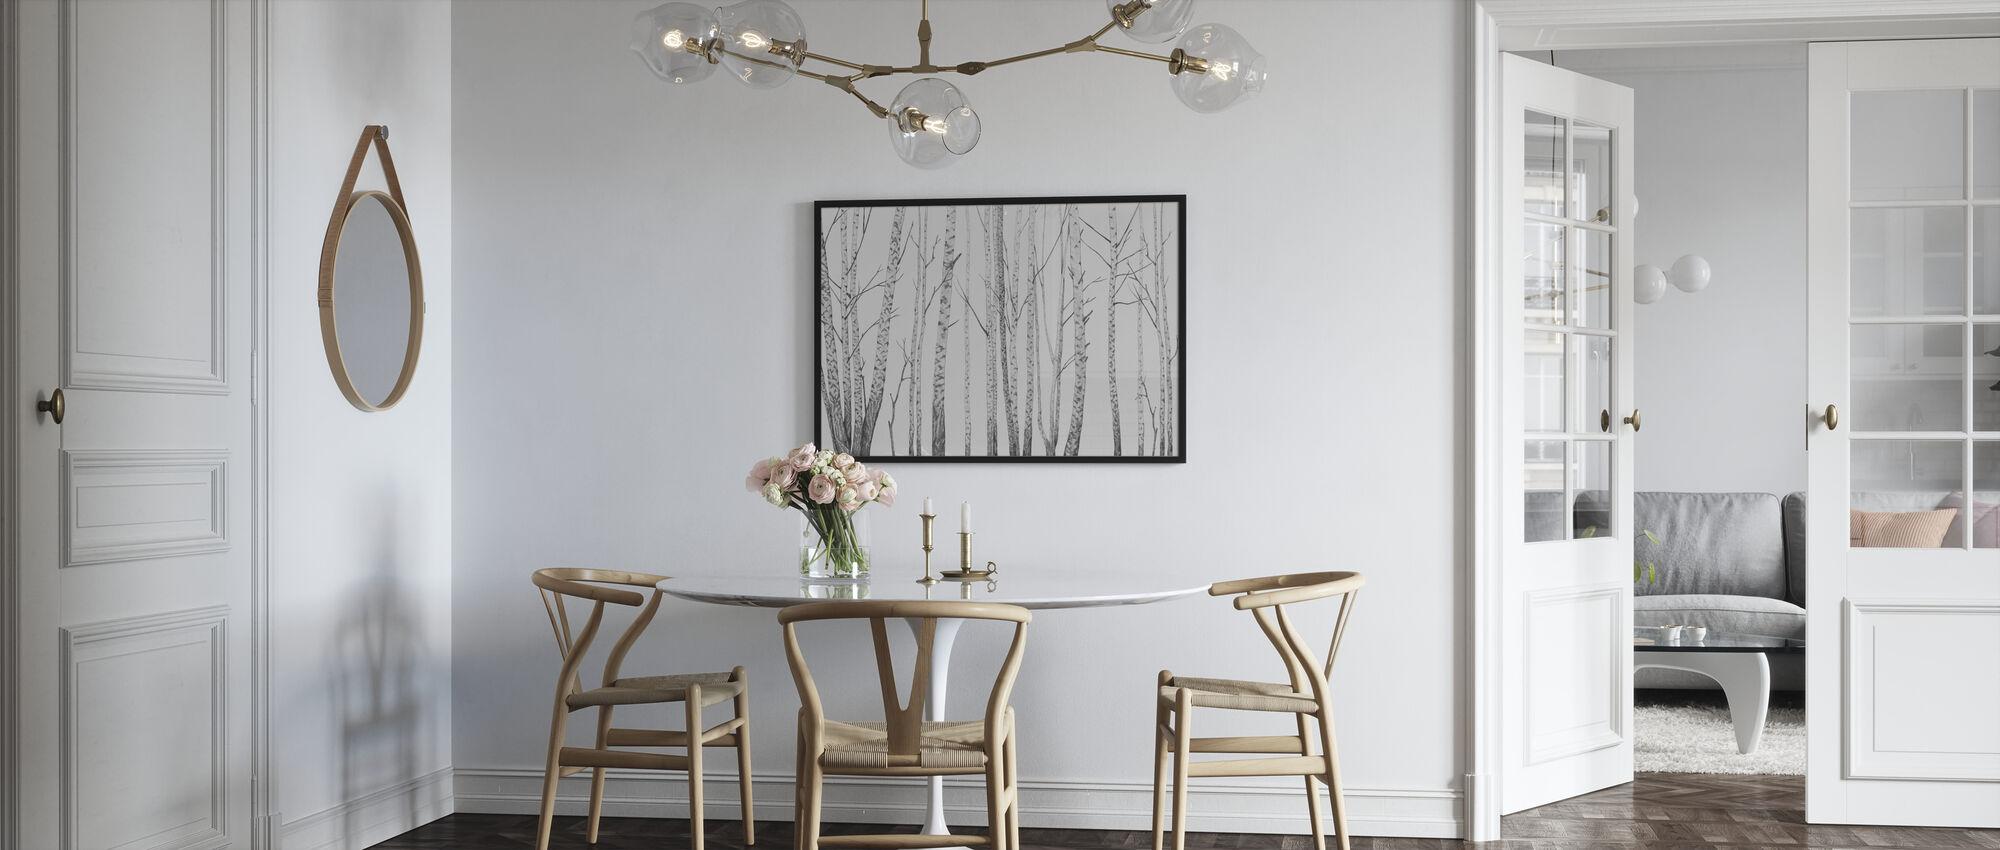 Birch Stems - bw - Poster - Kitchen